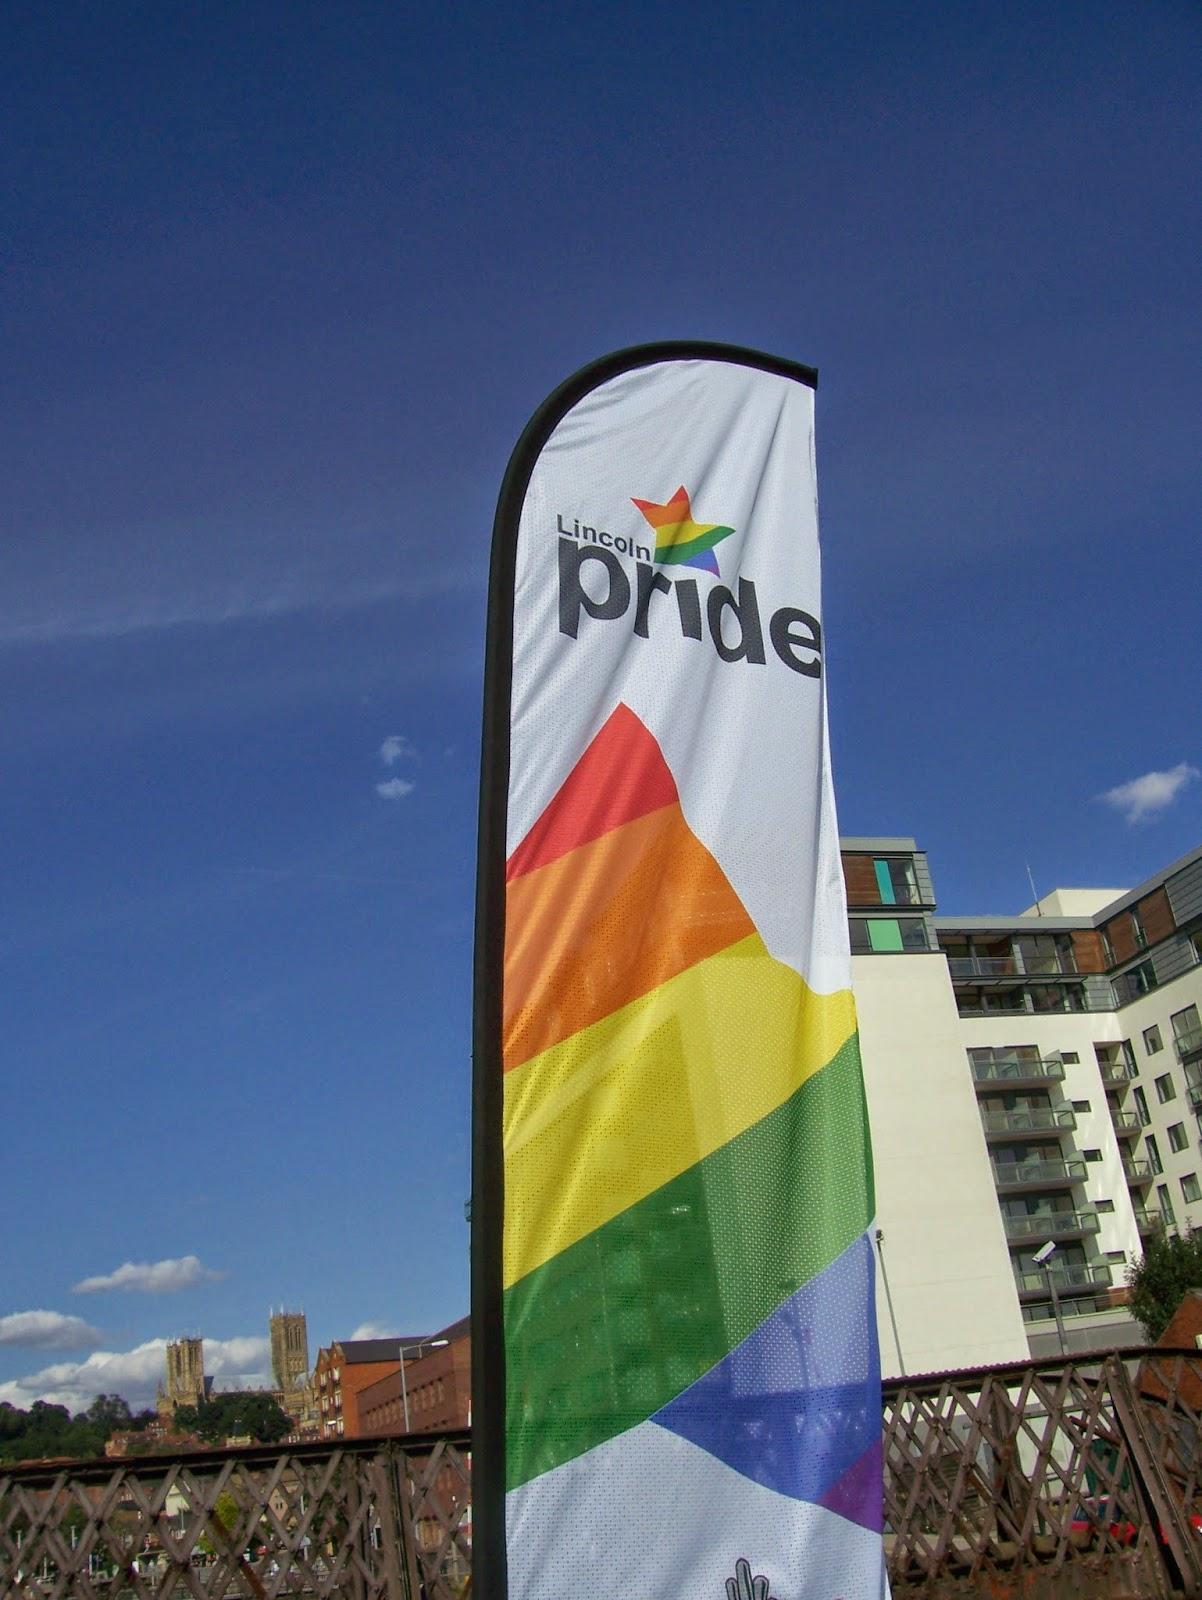 Lincoln Pride flag in 2009